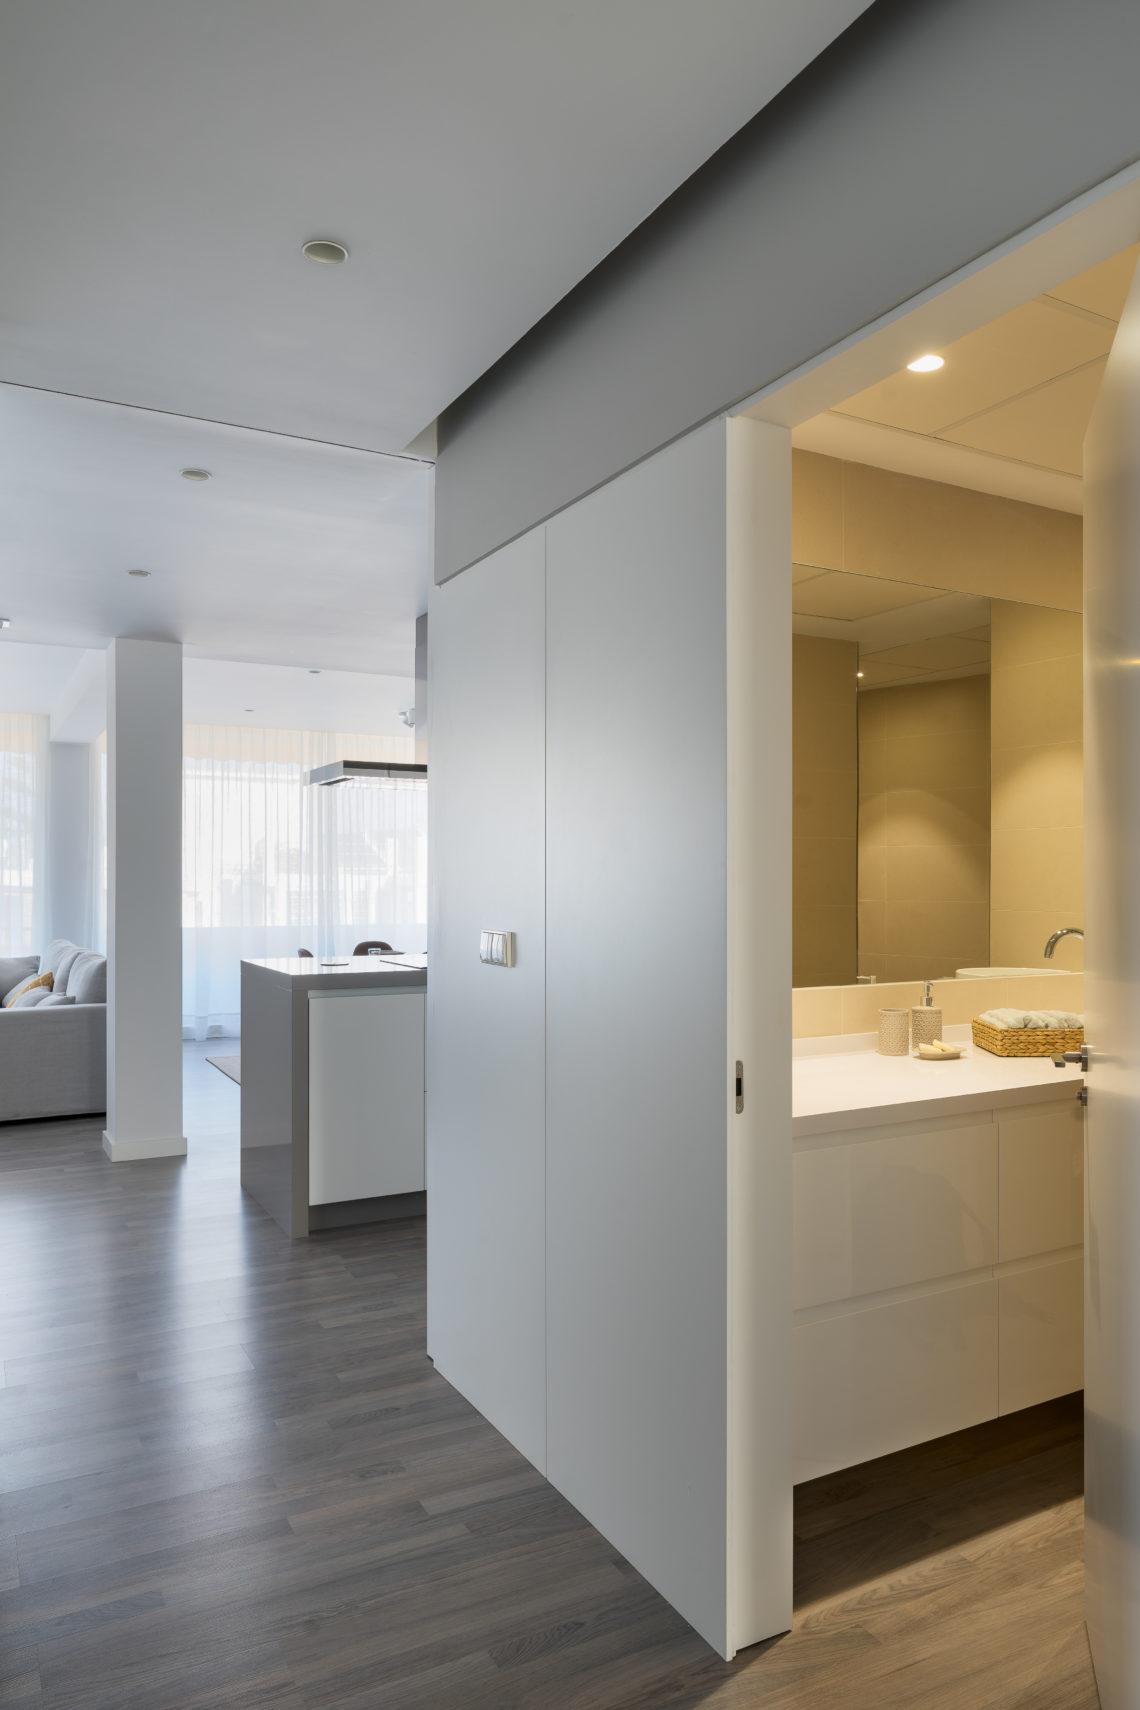 Iniesta Nowell Arquitectos - Reforma e interiorismo de un apartamento en Jerez de la Frontera